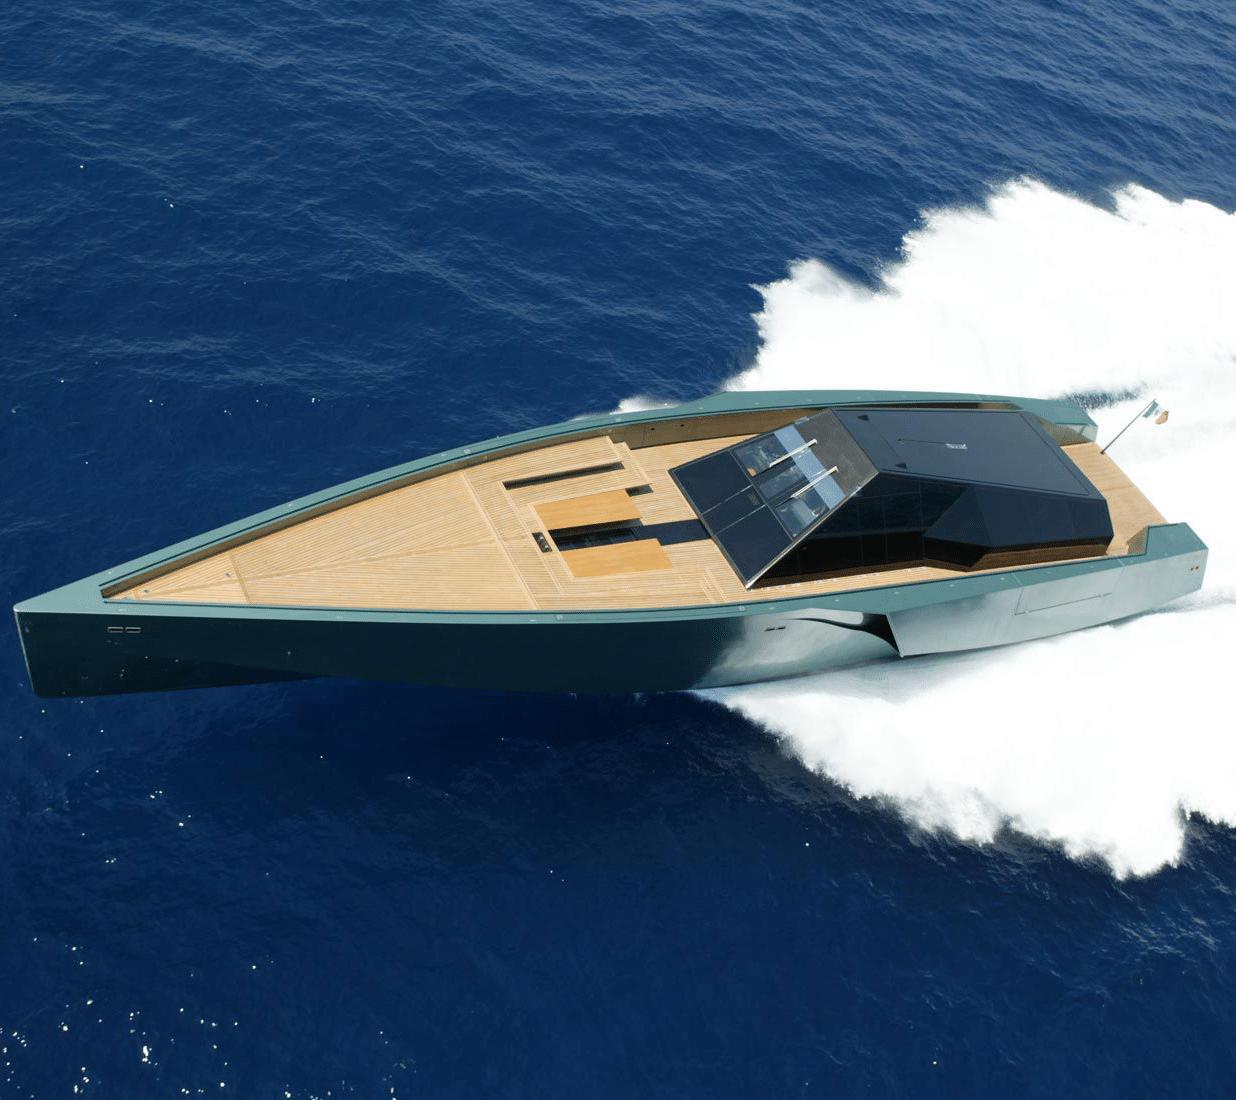 [Luxus+ Magazine] Ces 10 yachts mythiques qui ont marqué l'Histoire du cinéma